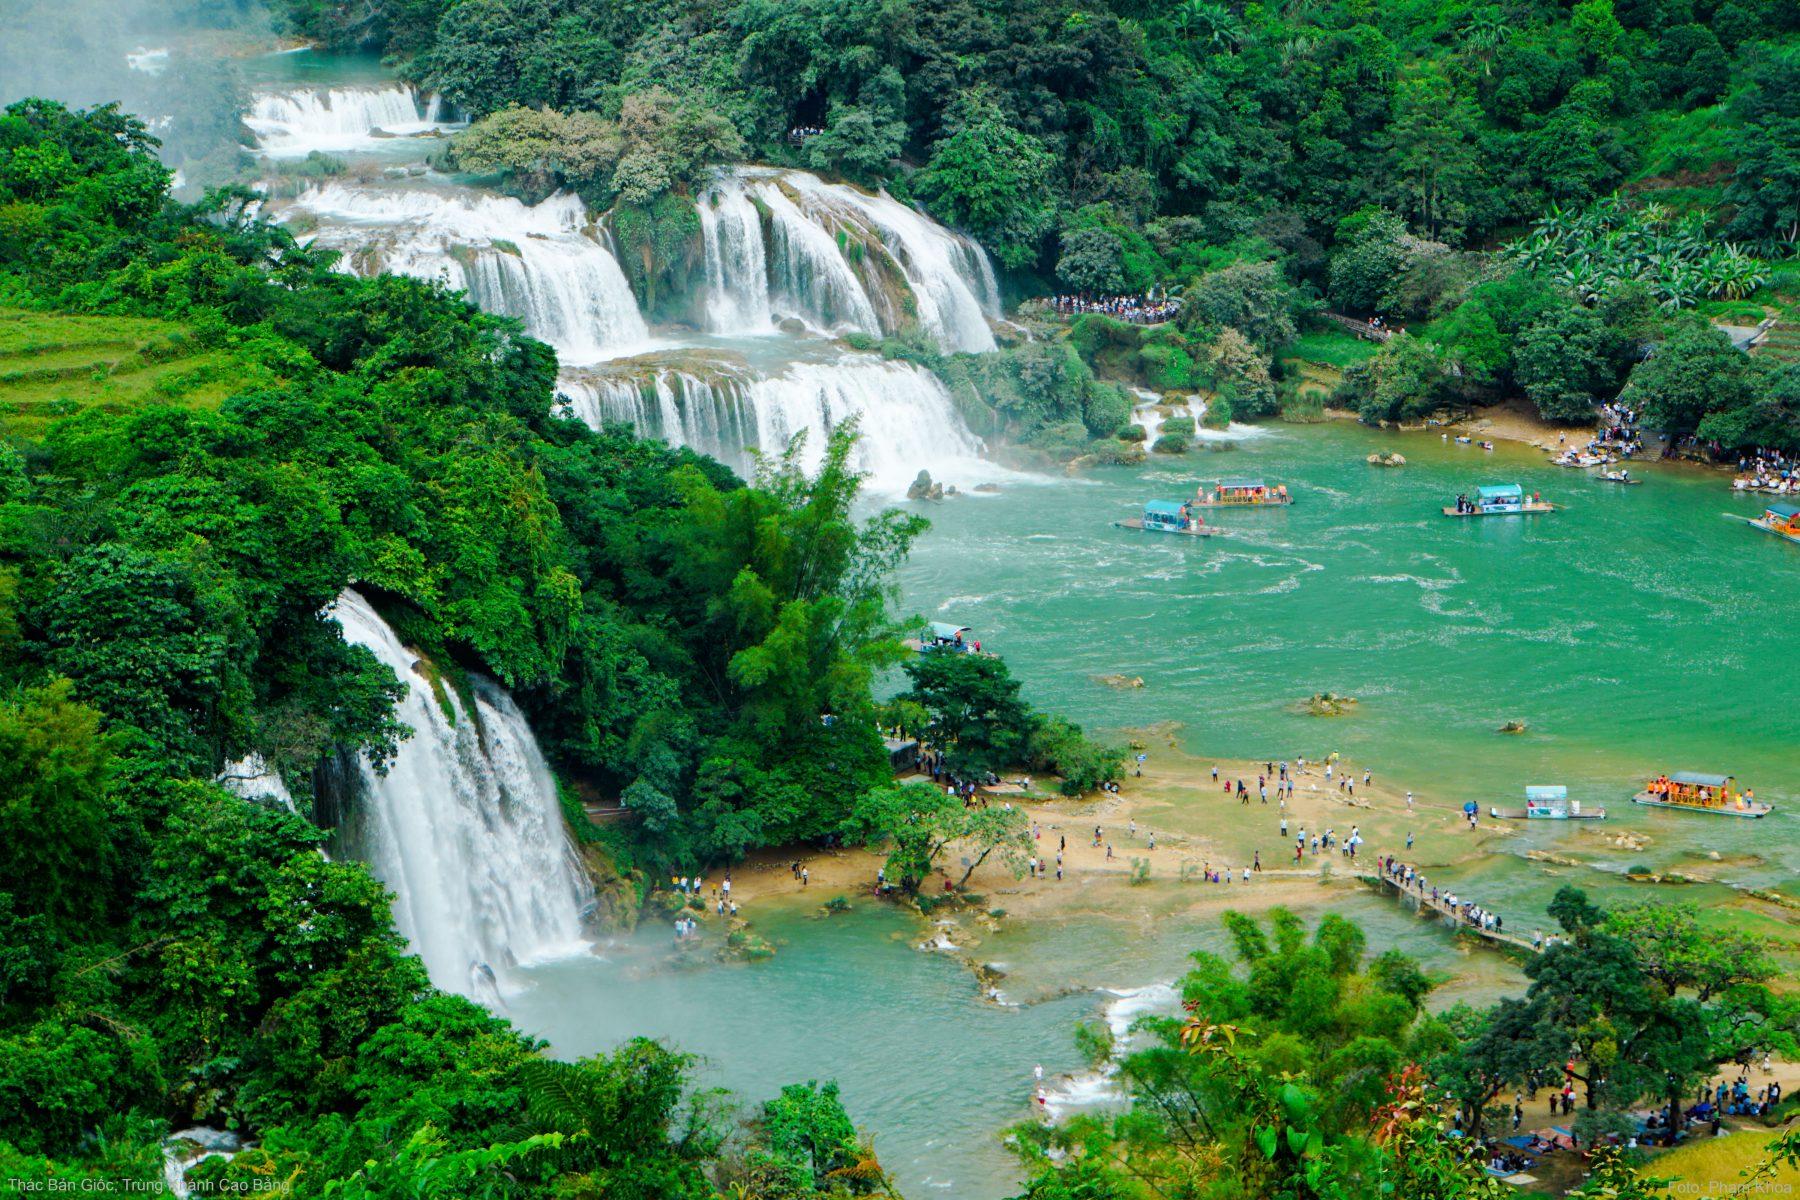 Vietnamese park recognized as UNESCO Global Geopark